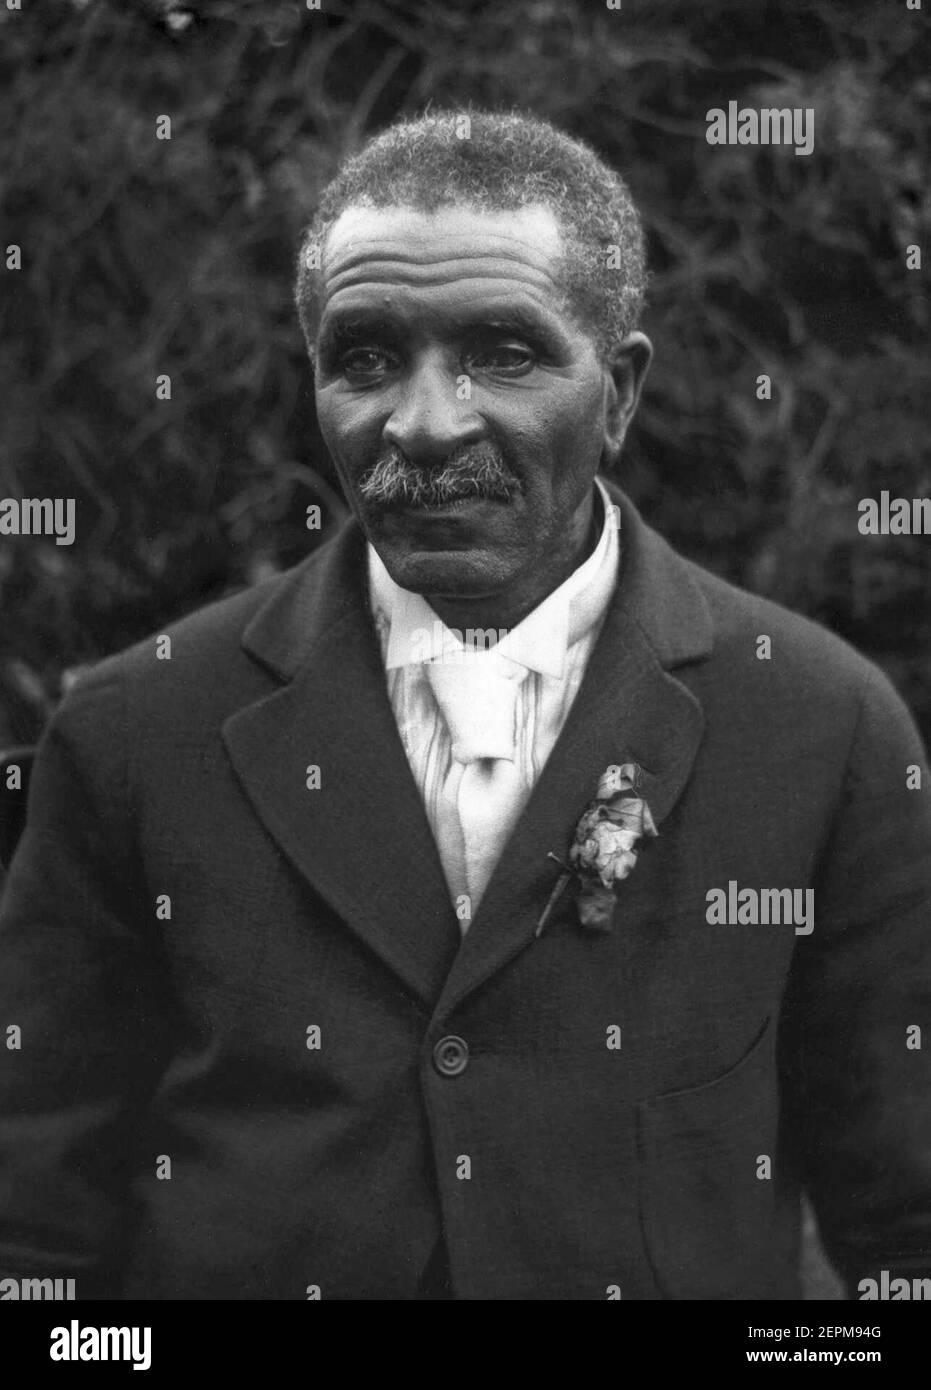 George Washington Carver (c1864–1943) au Voorhees College en 1921. Carver, le scientifique noir le plus éminent du début du XXe siècle, était professeur à l'Institut Tuskegee (aujourd'hui l'Université Tuskegee). (ÉTATS-UNIS) Banque D'Images